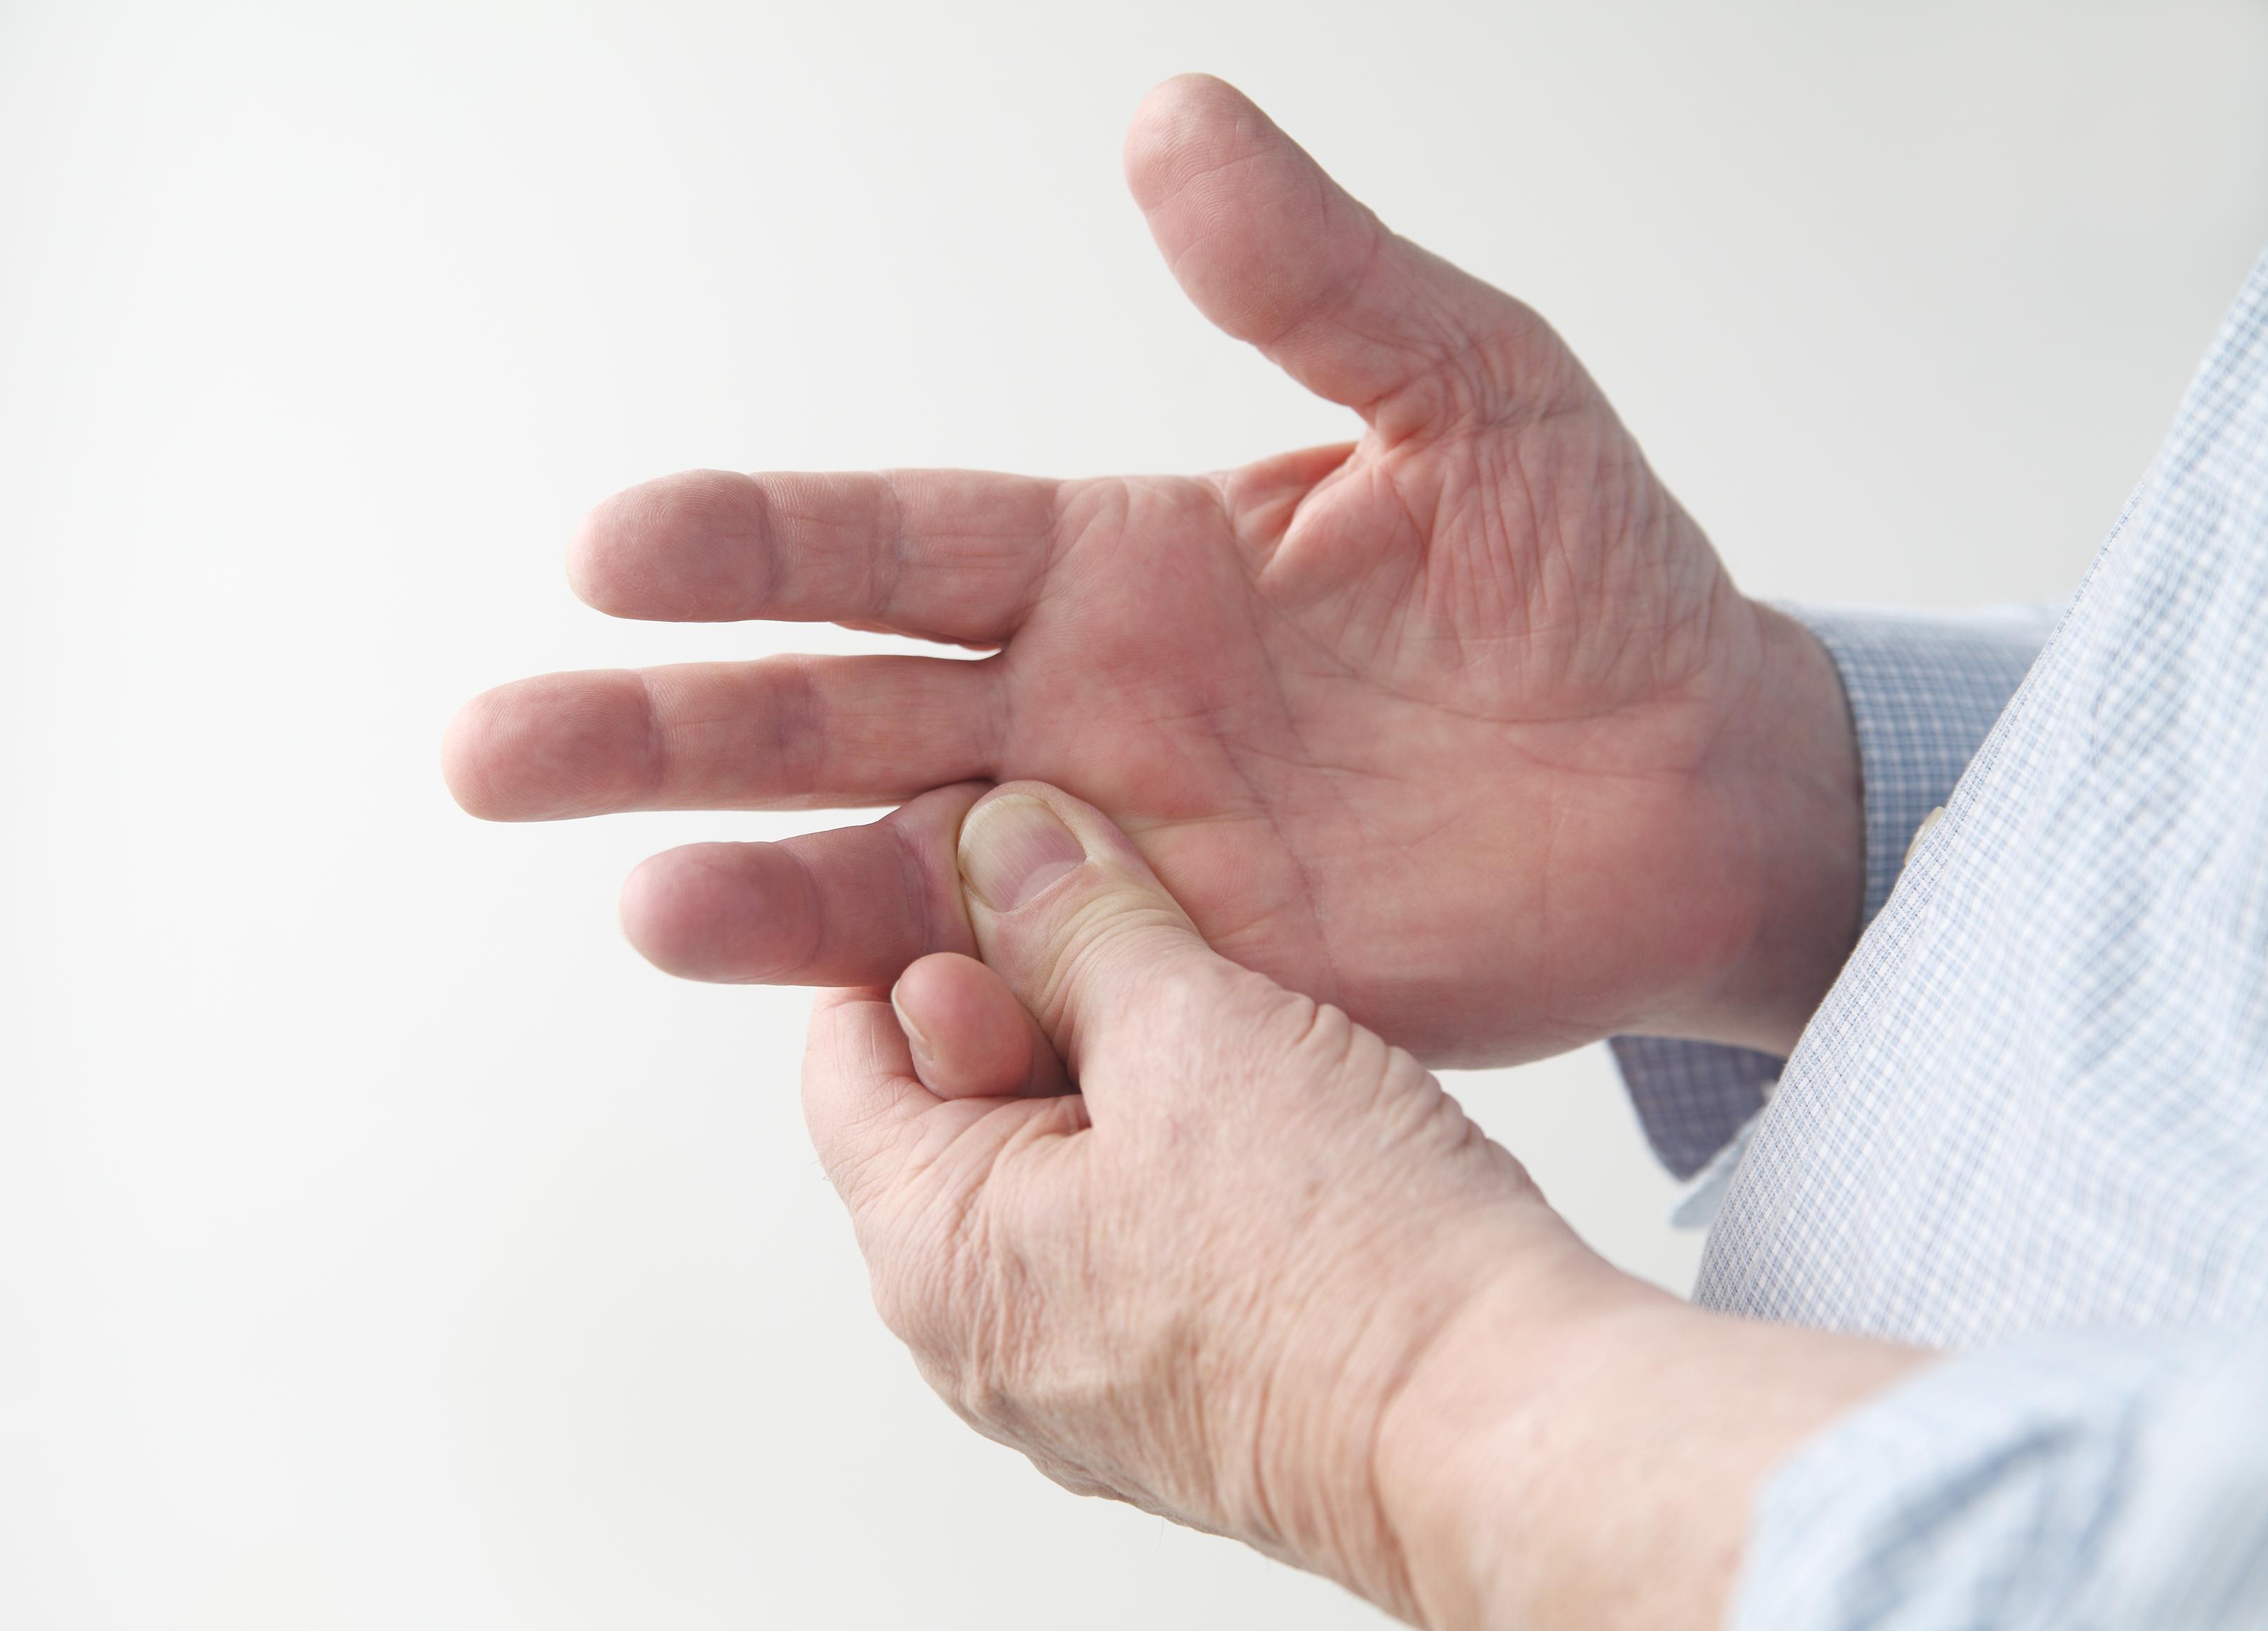 Att ett finger låser sig kan vara både smärtsamt och obehagligt.